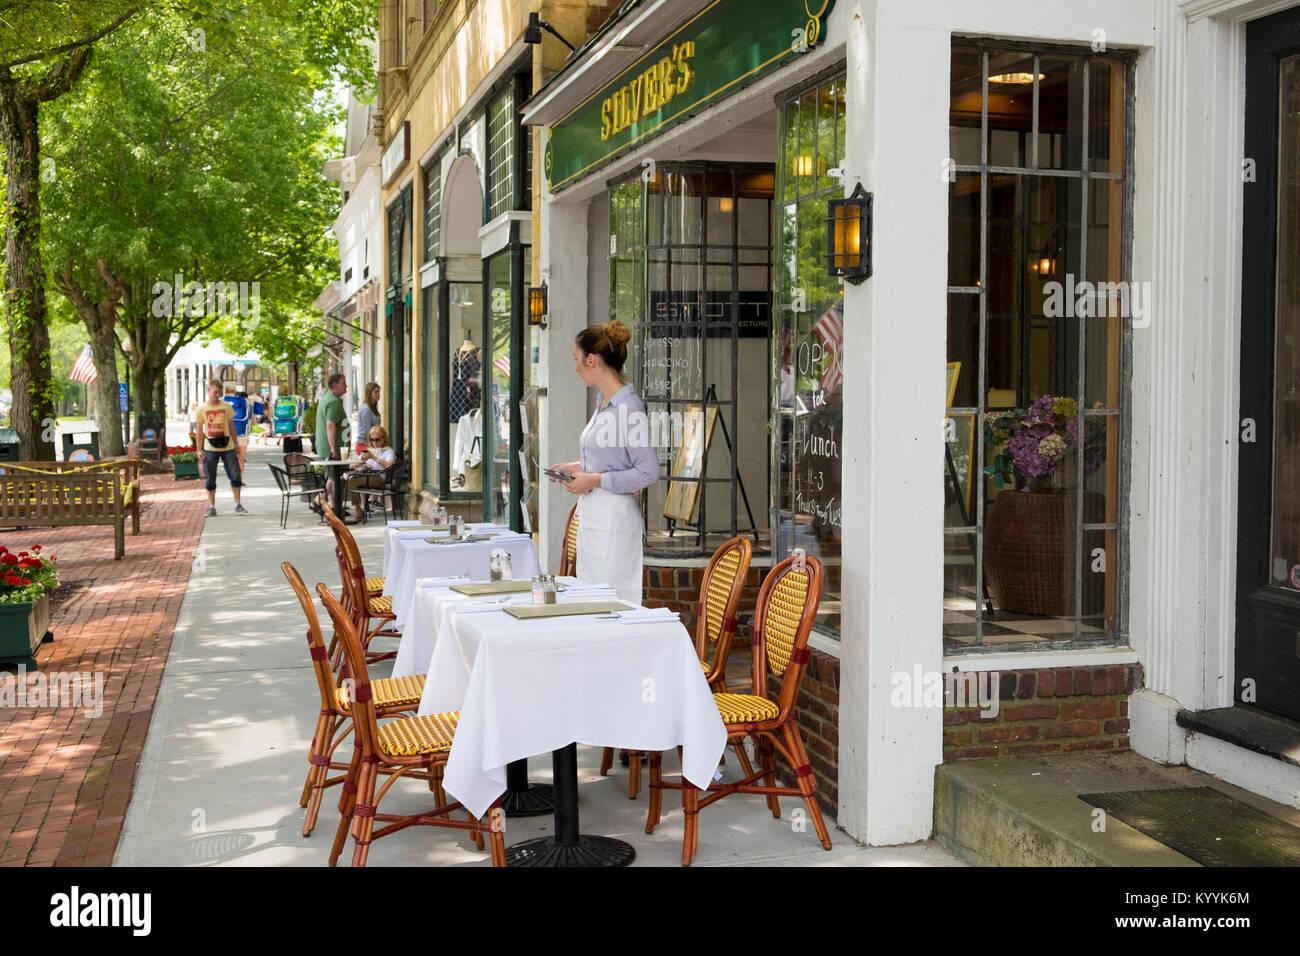 Silvers restaurante en Southampton village, los Hamptons, en Long Island, Nueva York, EE.UU. Imagen De Stock